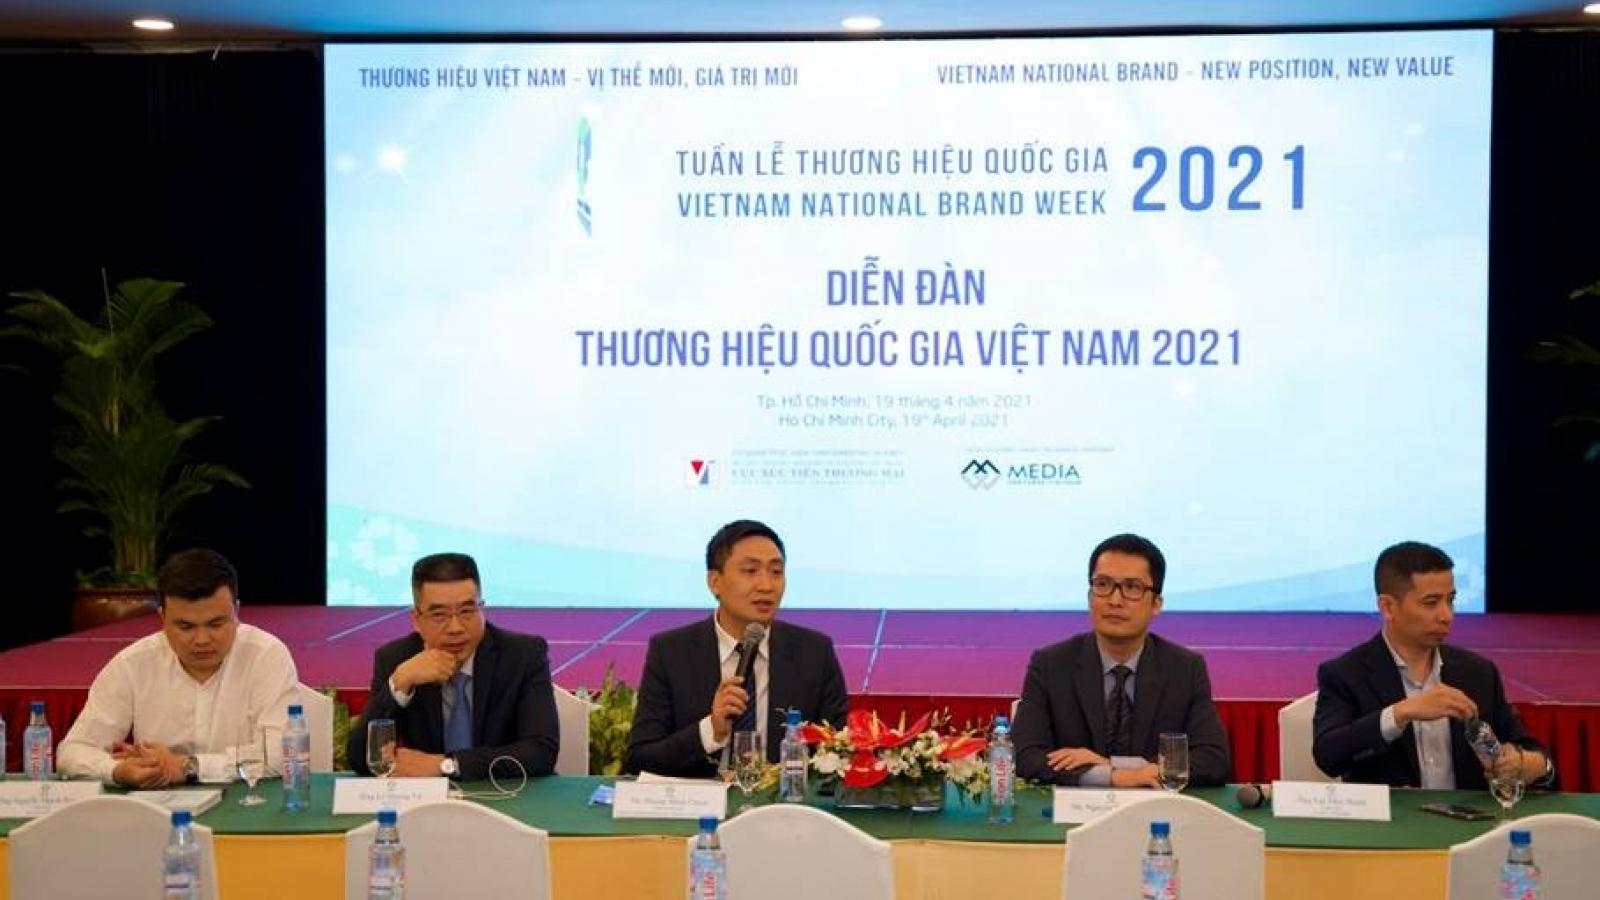 Tận dụng đòn bẩy Thương hiệu Quốc gia - Nâng tầm thương hiệu Việt